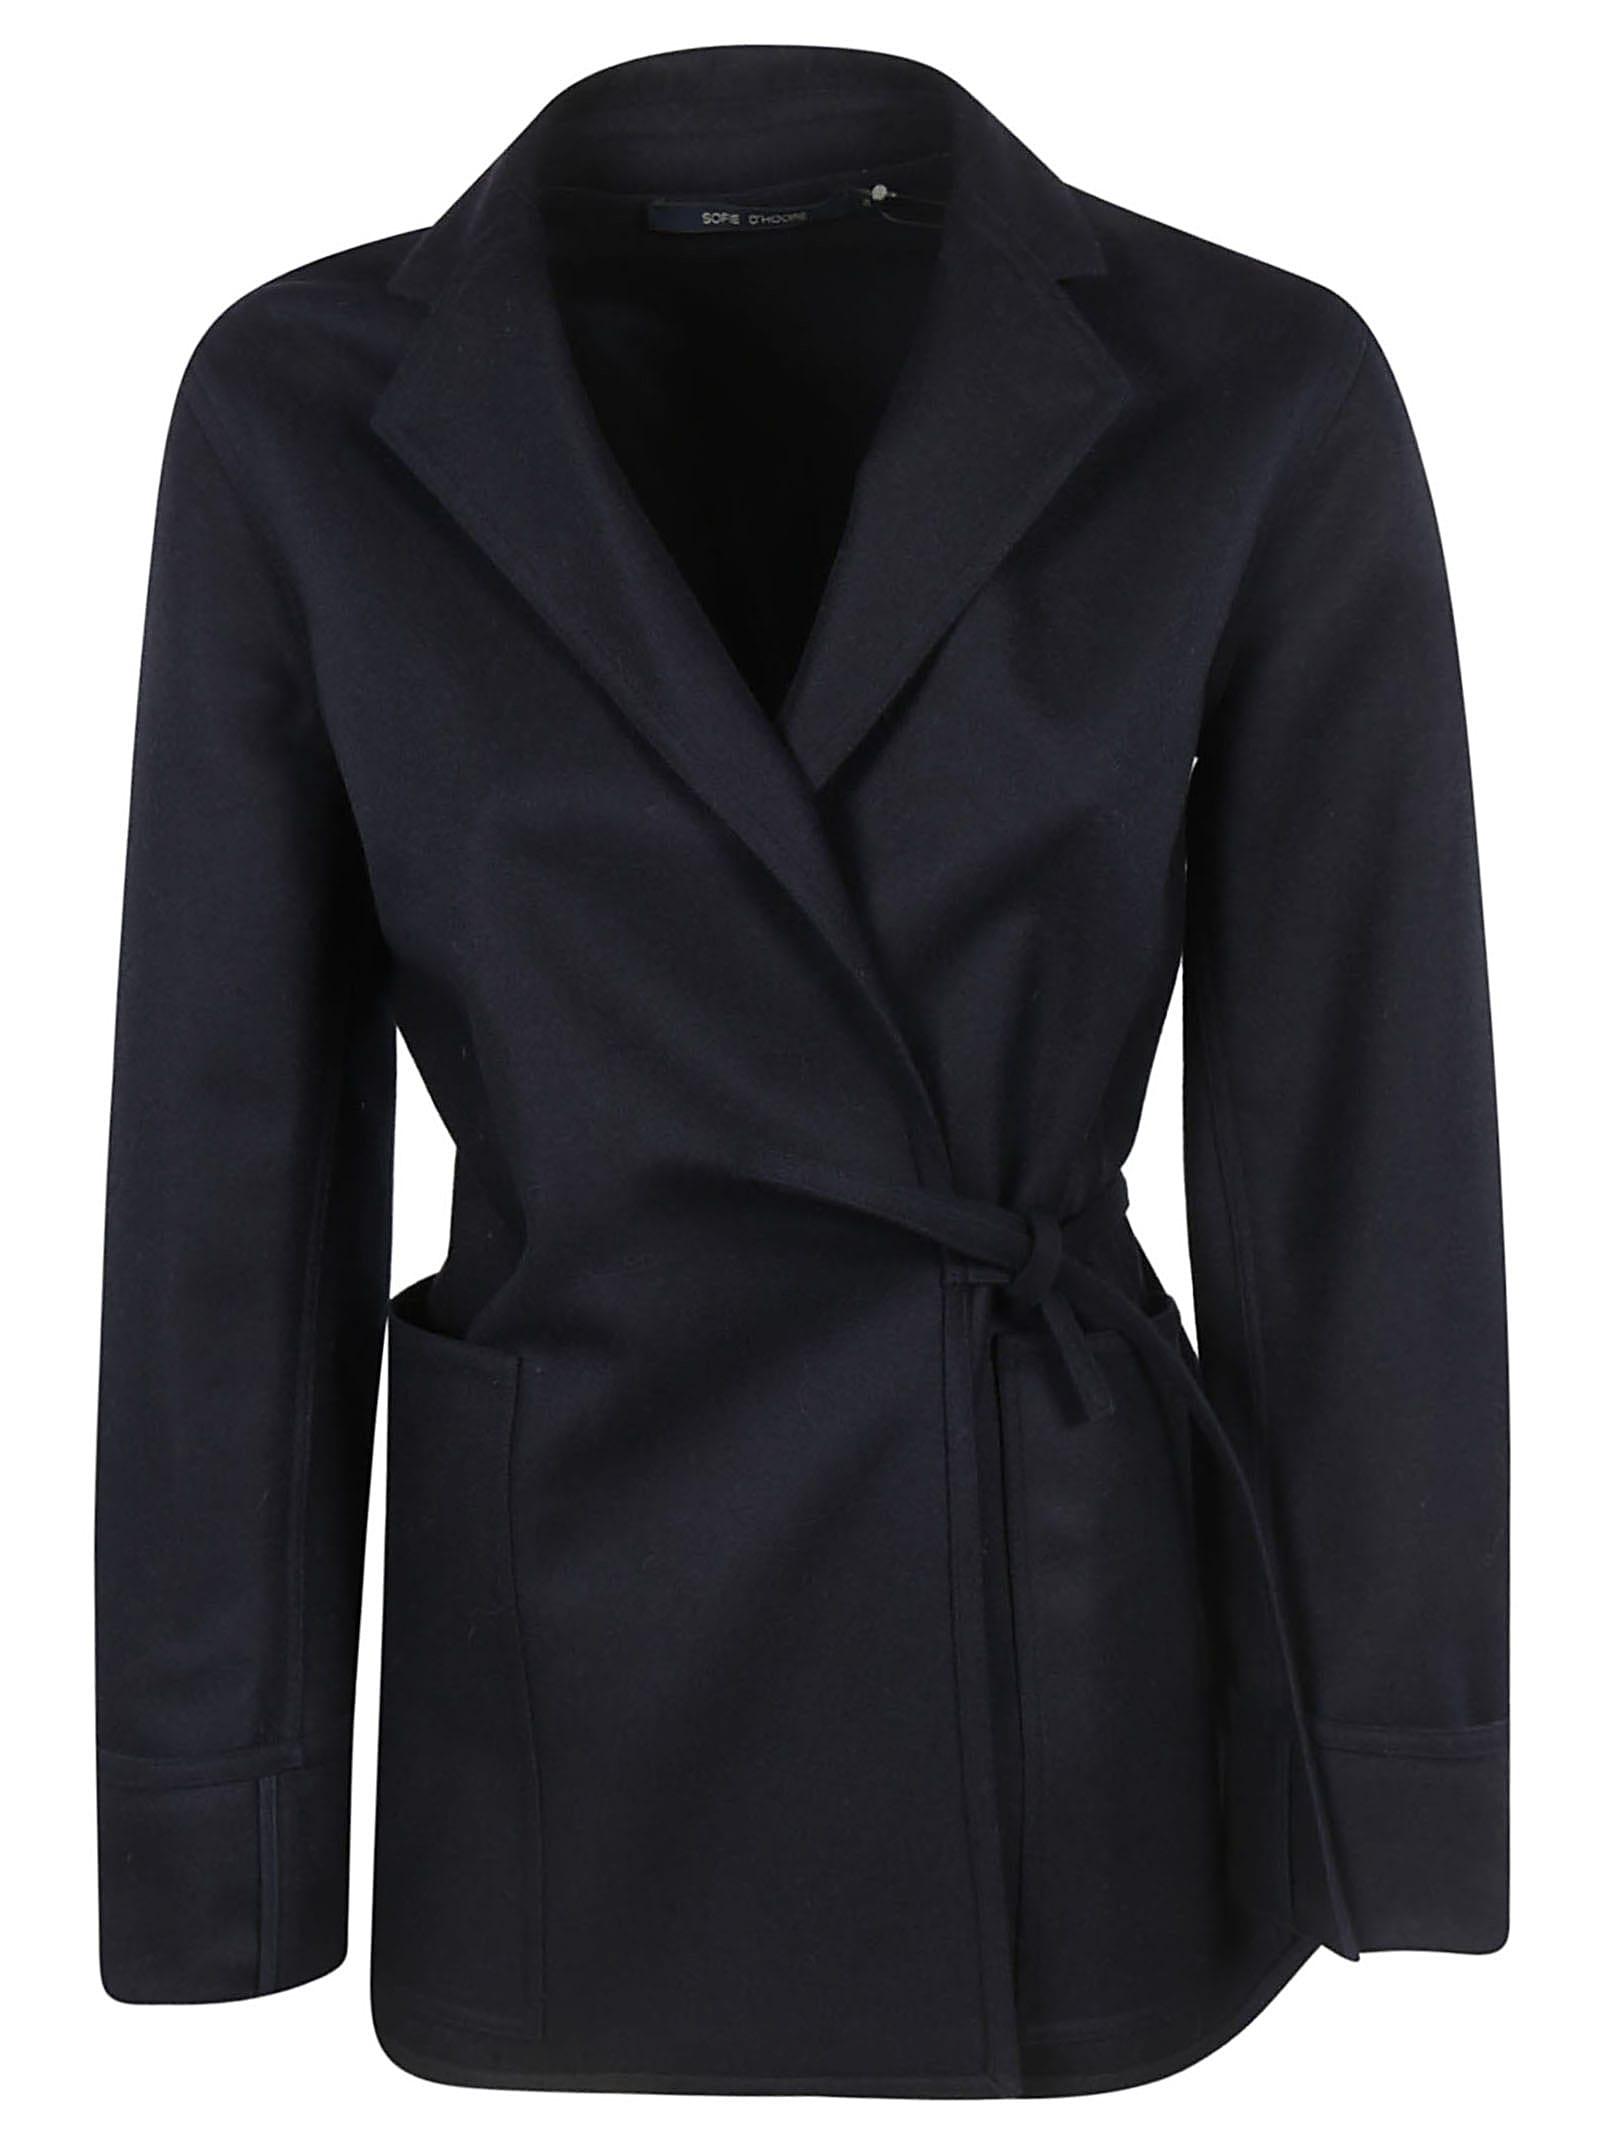 Sofie dHoore Cleva Jacket